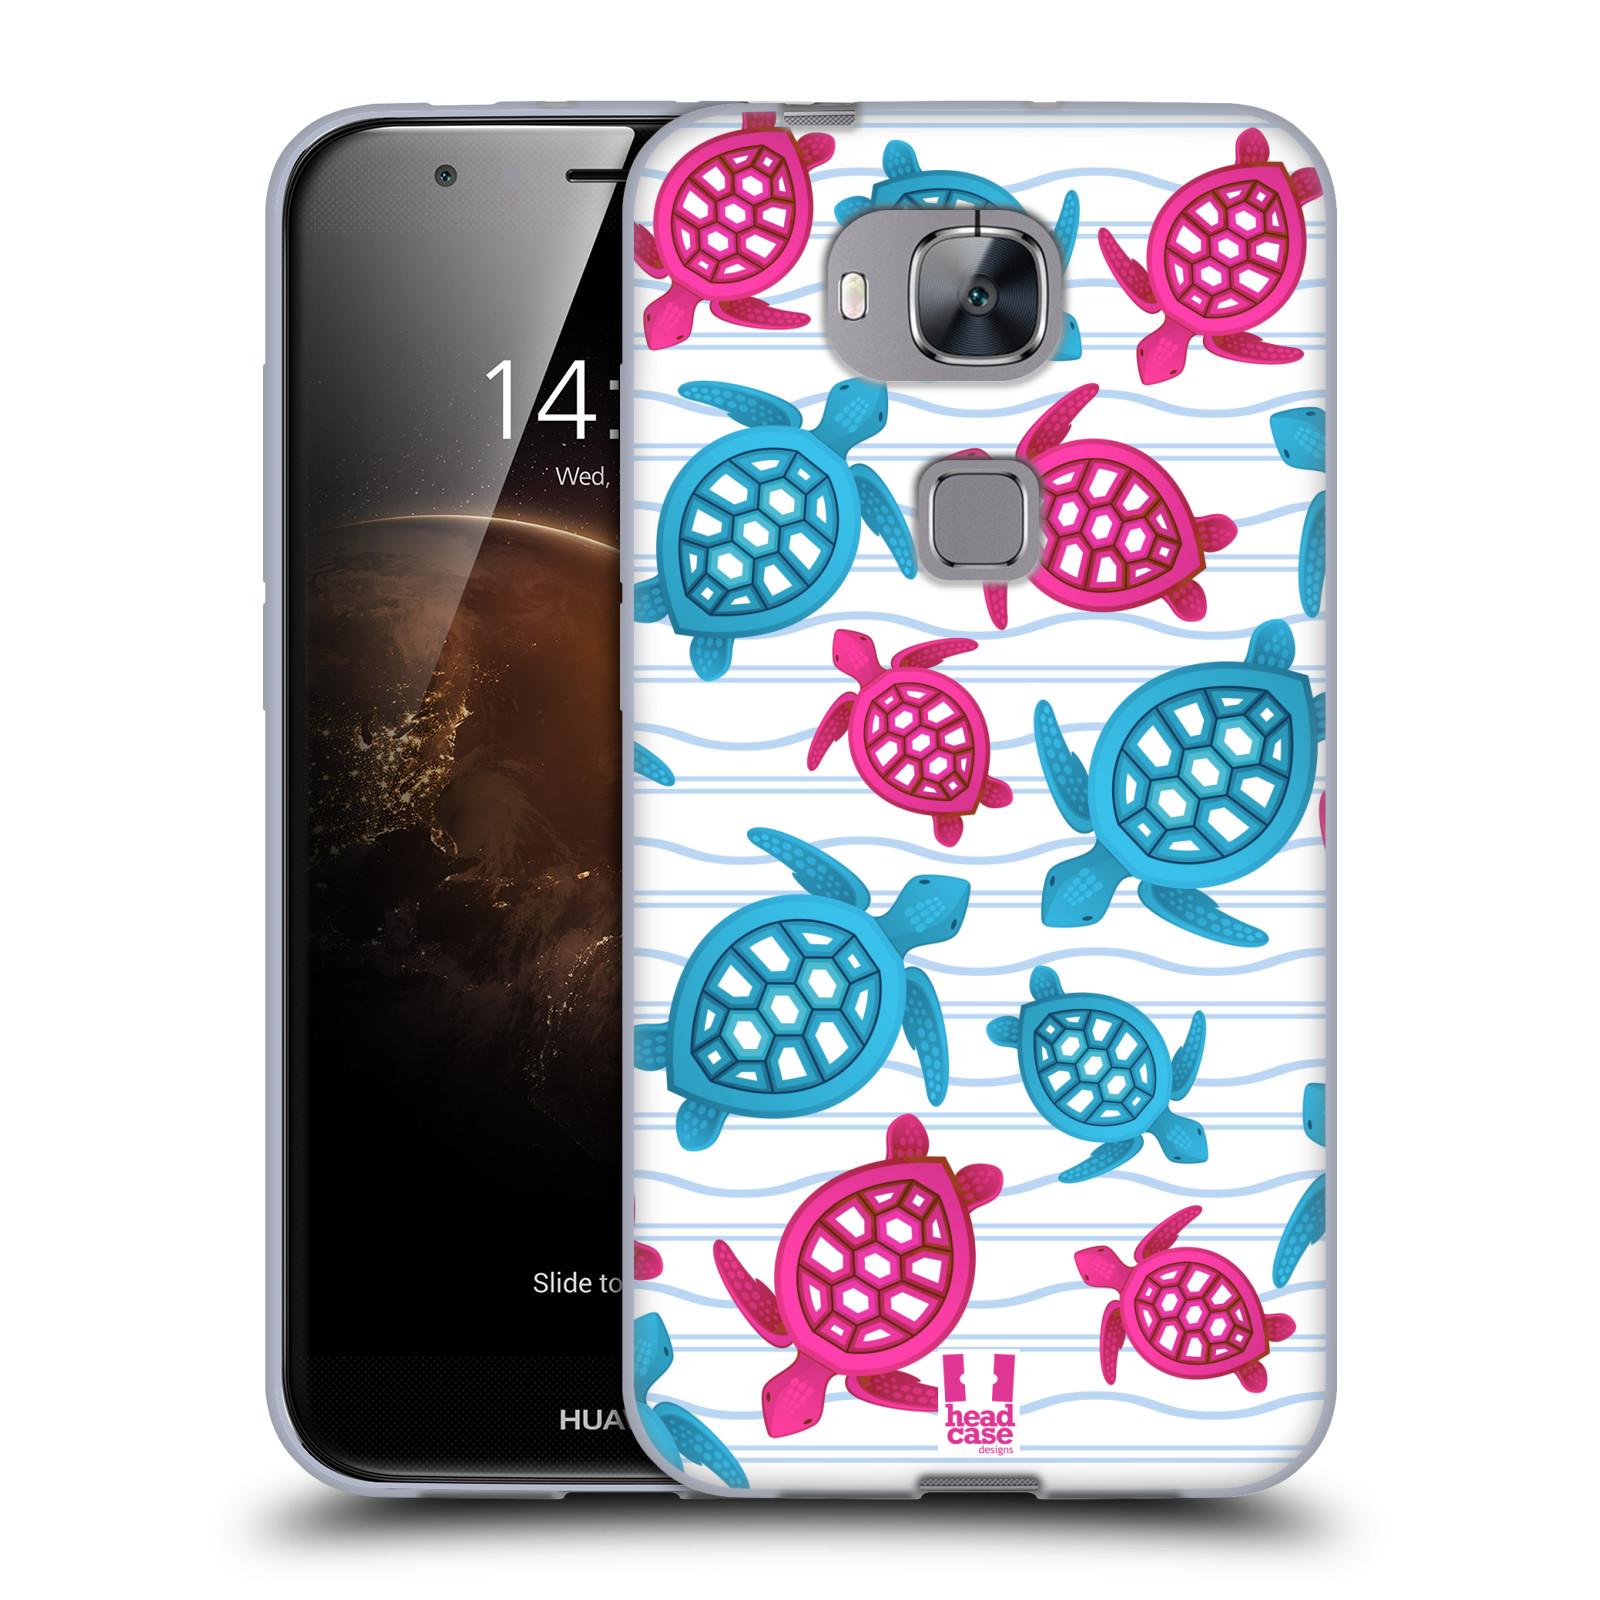 HEAD CASE silikonový obal na mobil HUAWEI G8 vzor mořský živočich želva modrá a růžová